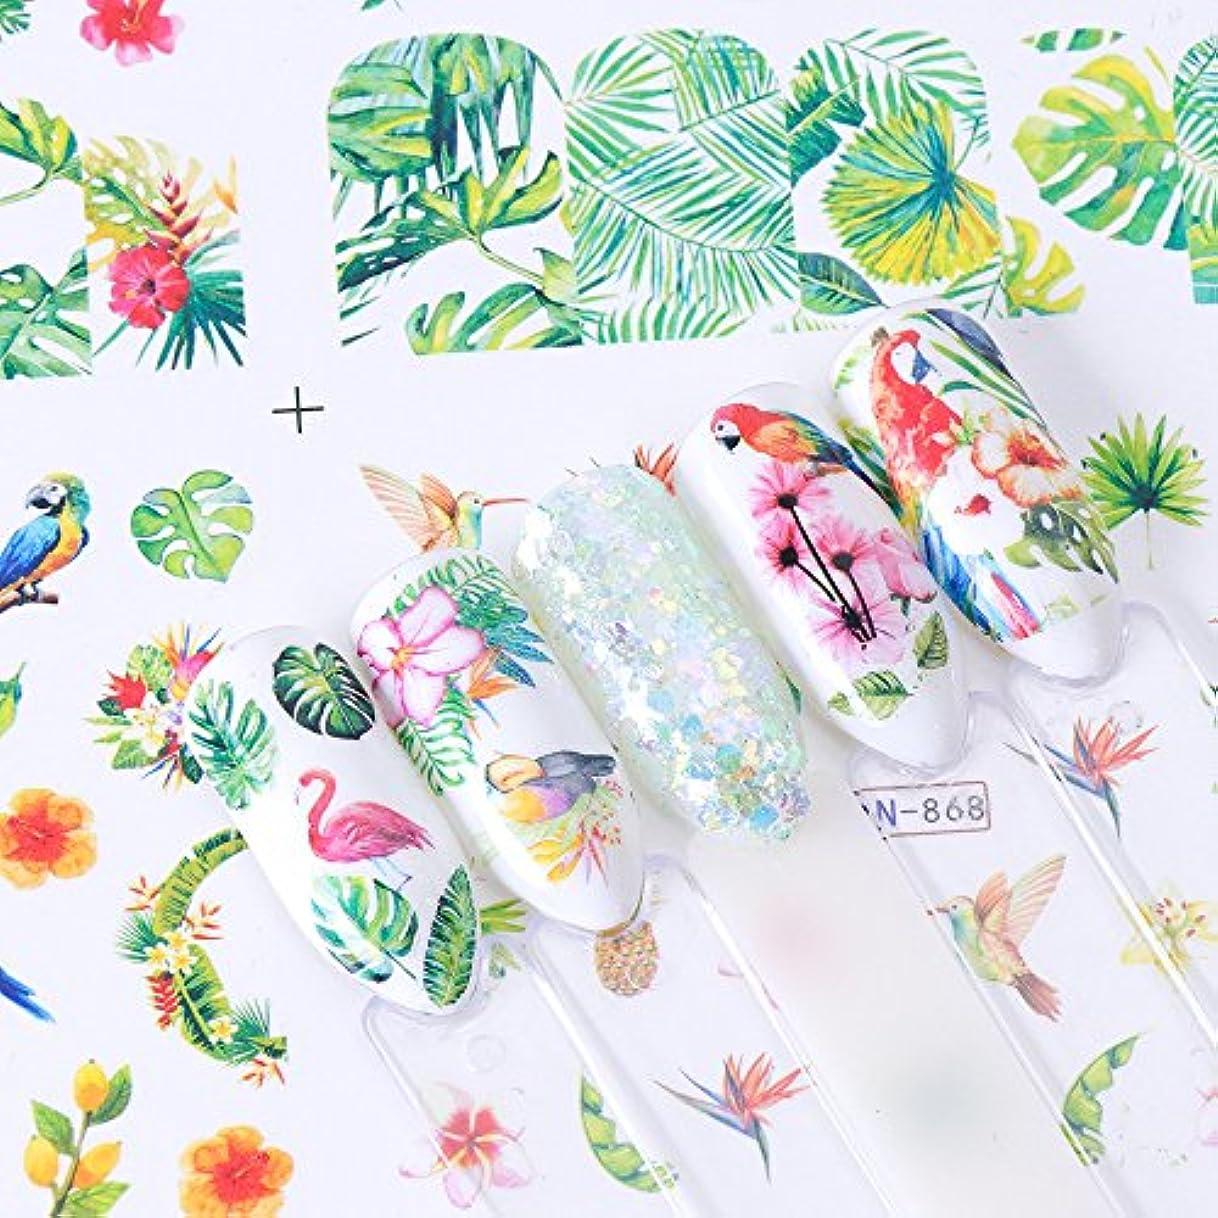 終了しました通行人群集12枚セット フラミンゴ 熱帯植物 モンステラネイルシール ウォーターネイルシール ジェルネイル セルフネイル レジン フラミンゴ 鳥 夏 トロピカル 南国 ピンクネイルシール ピンクフラミンゴシール ピンク